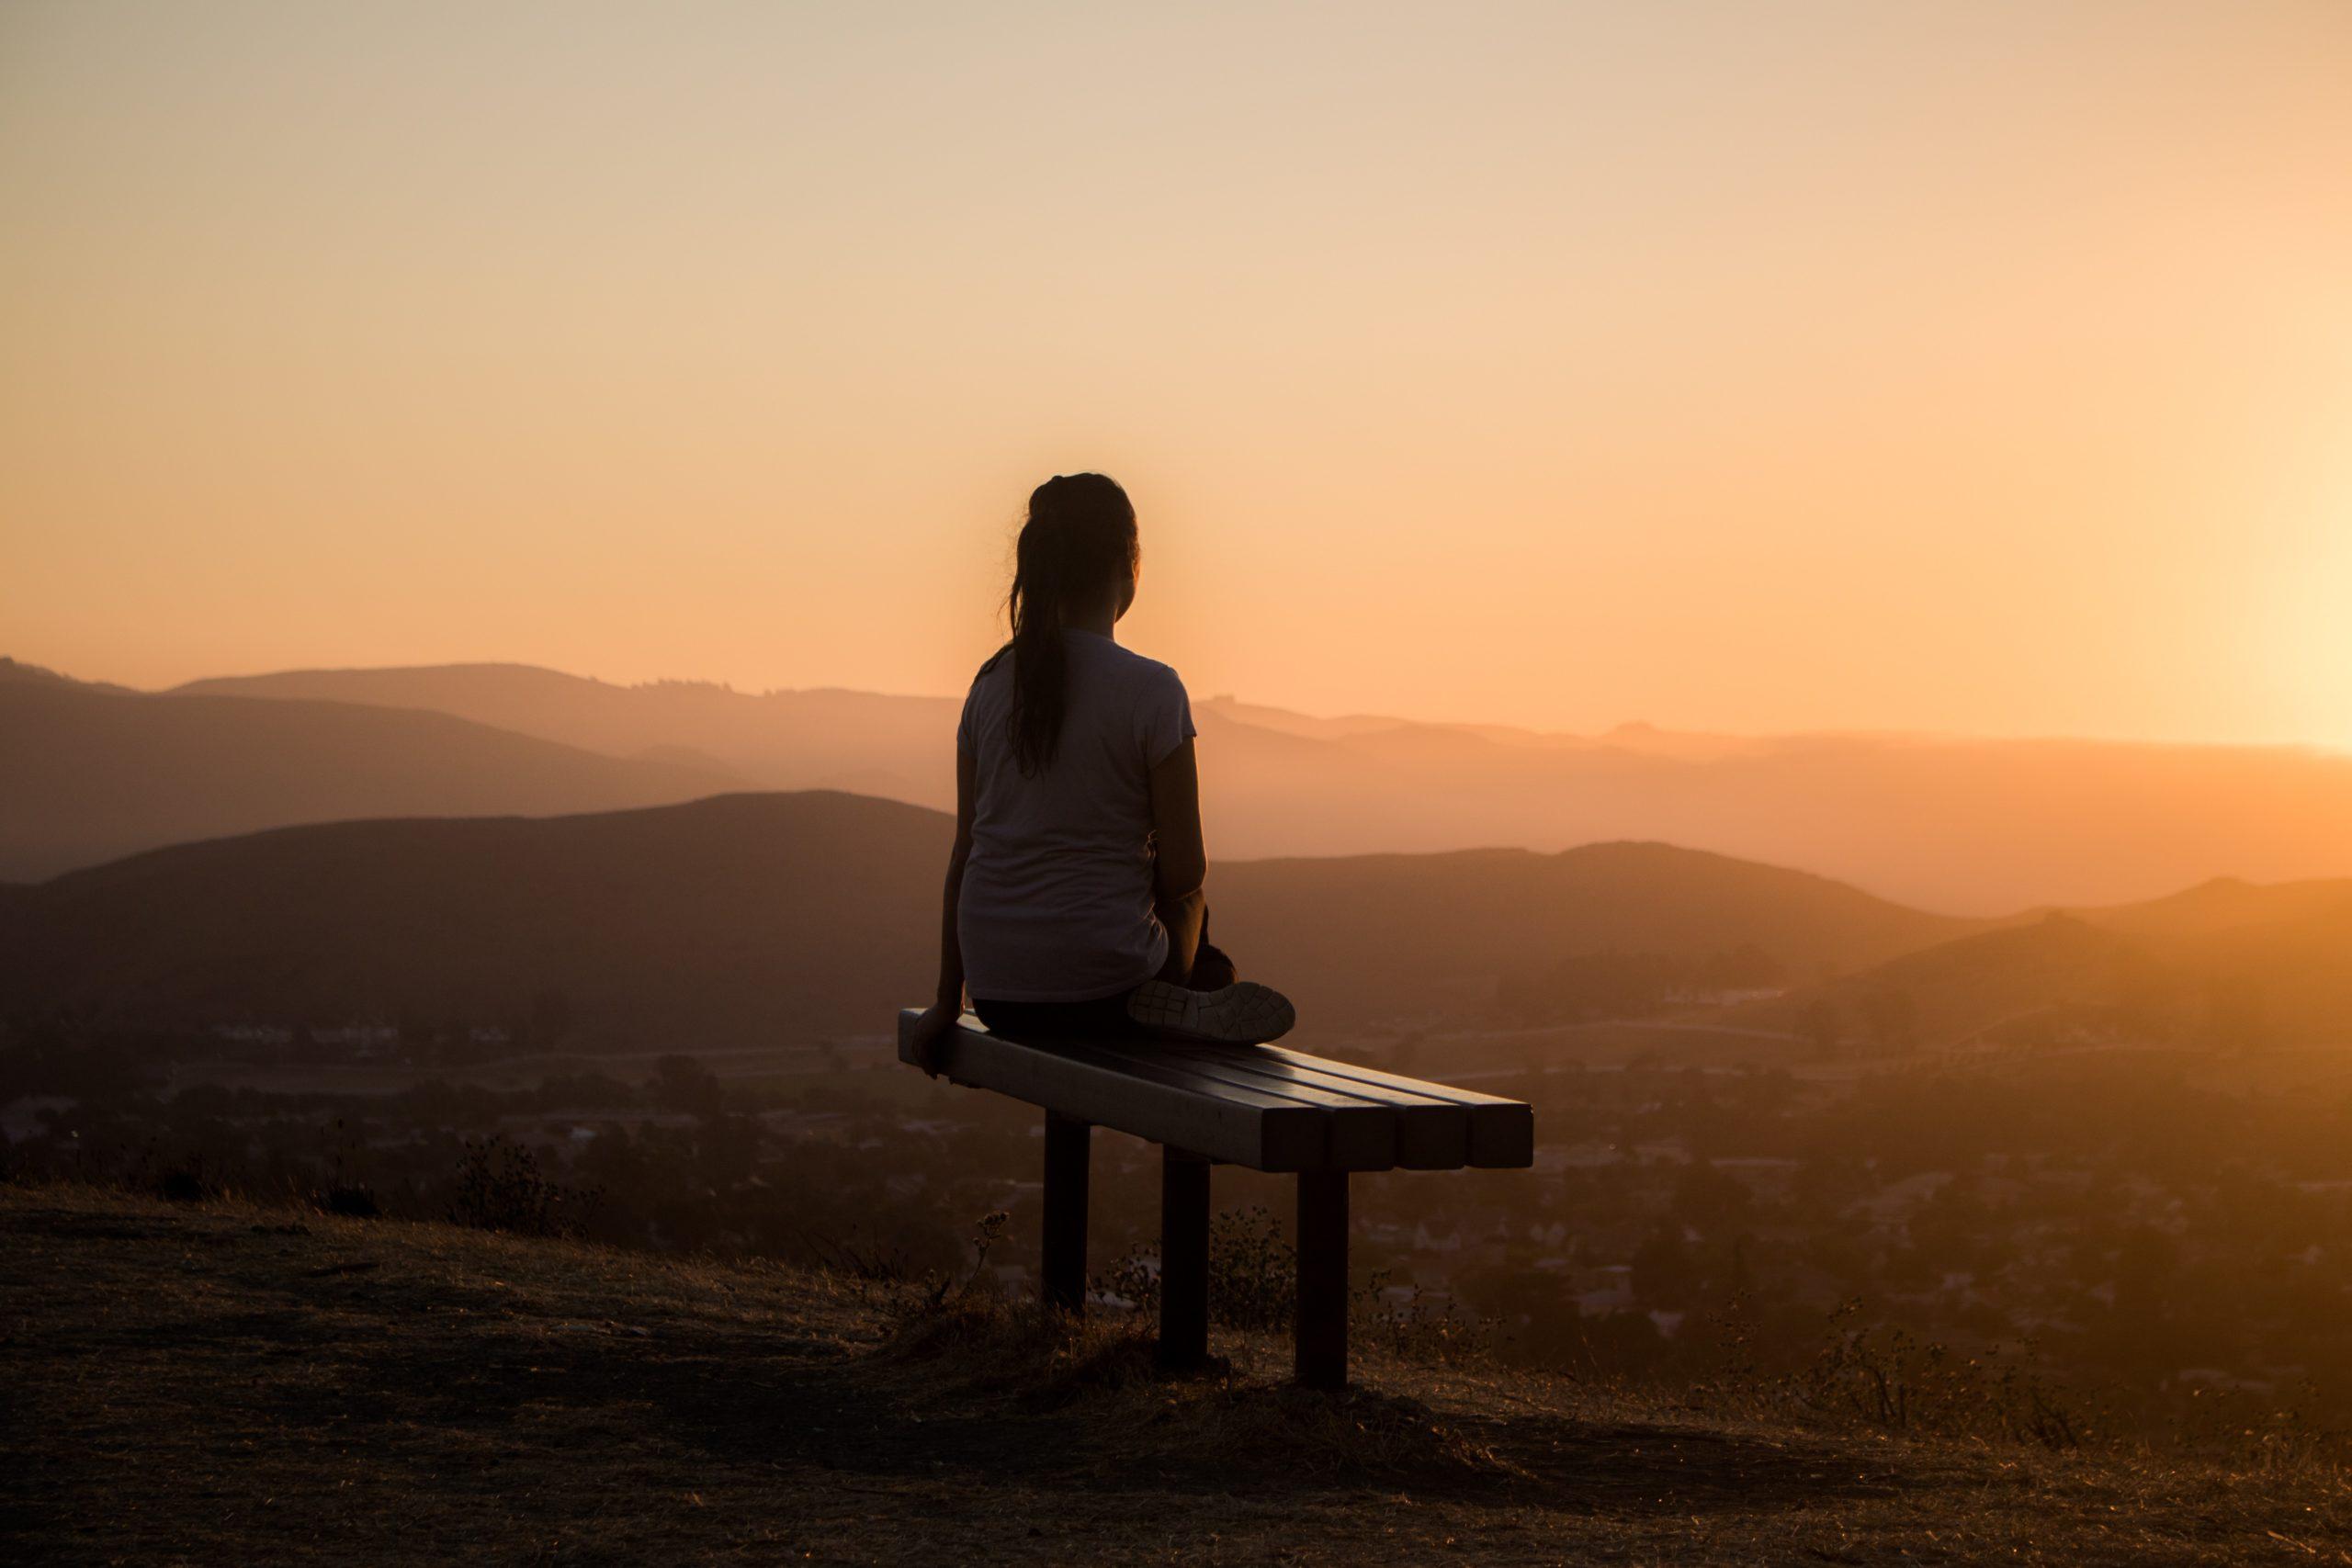 Comment atténuer le stress et l'anxiété grâce à l'entraînement cérébral NeurOptimal®?